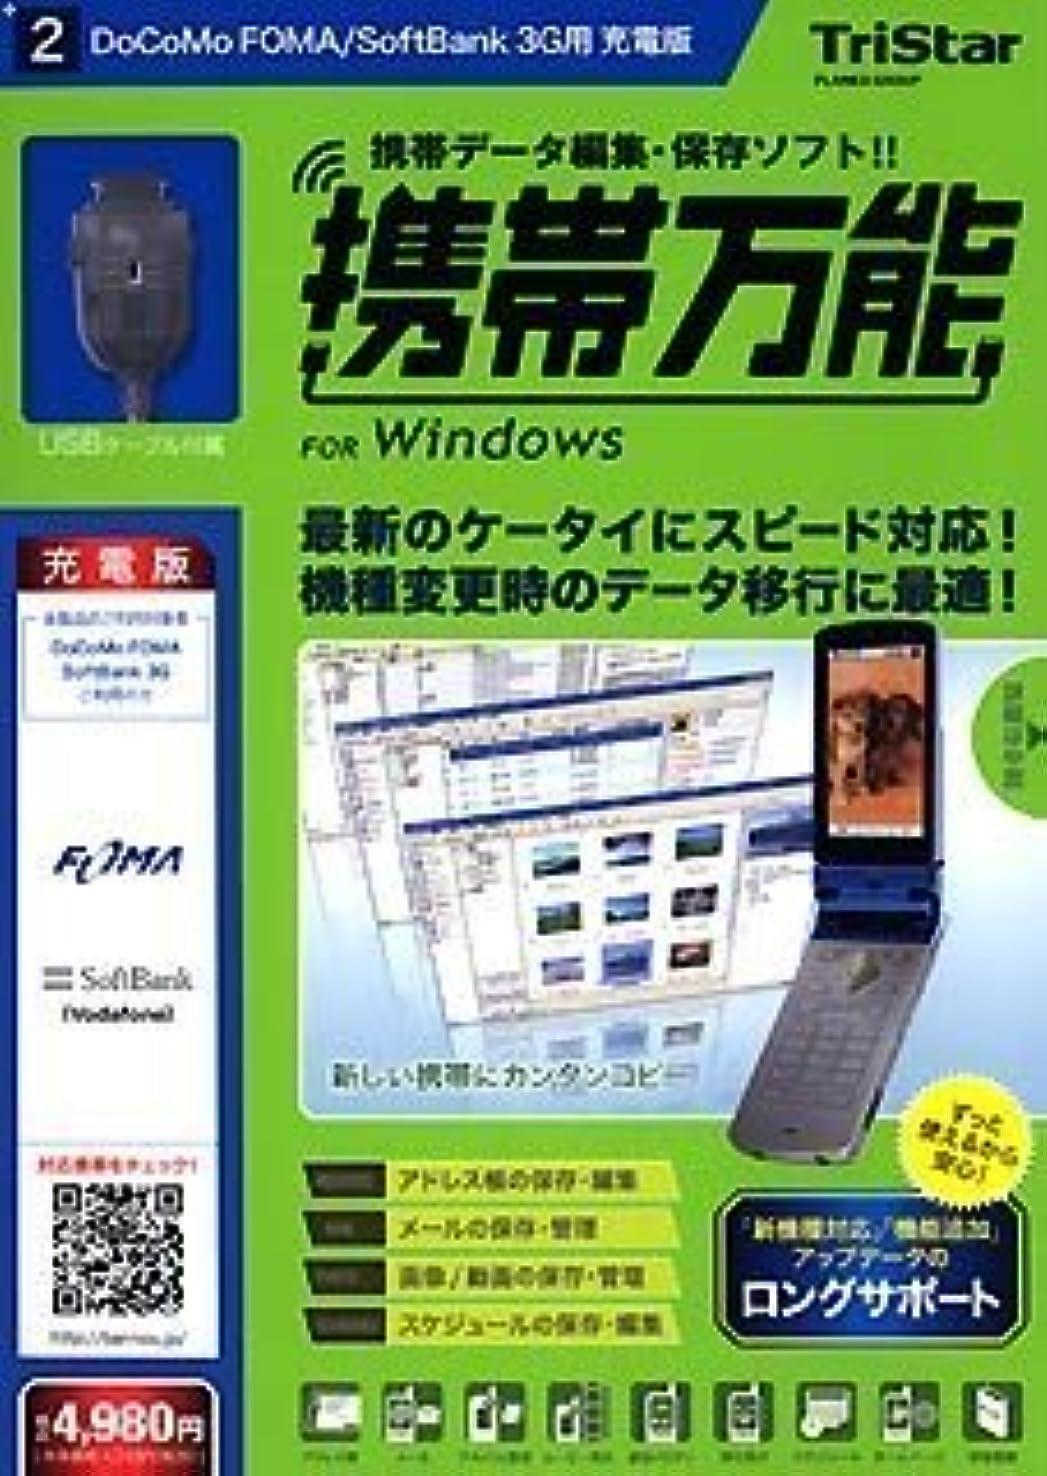 キリスト食用おもちゃ携帯万能 for Windows DoCoMo FOMA / SoftBank 3G用 充電版